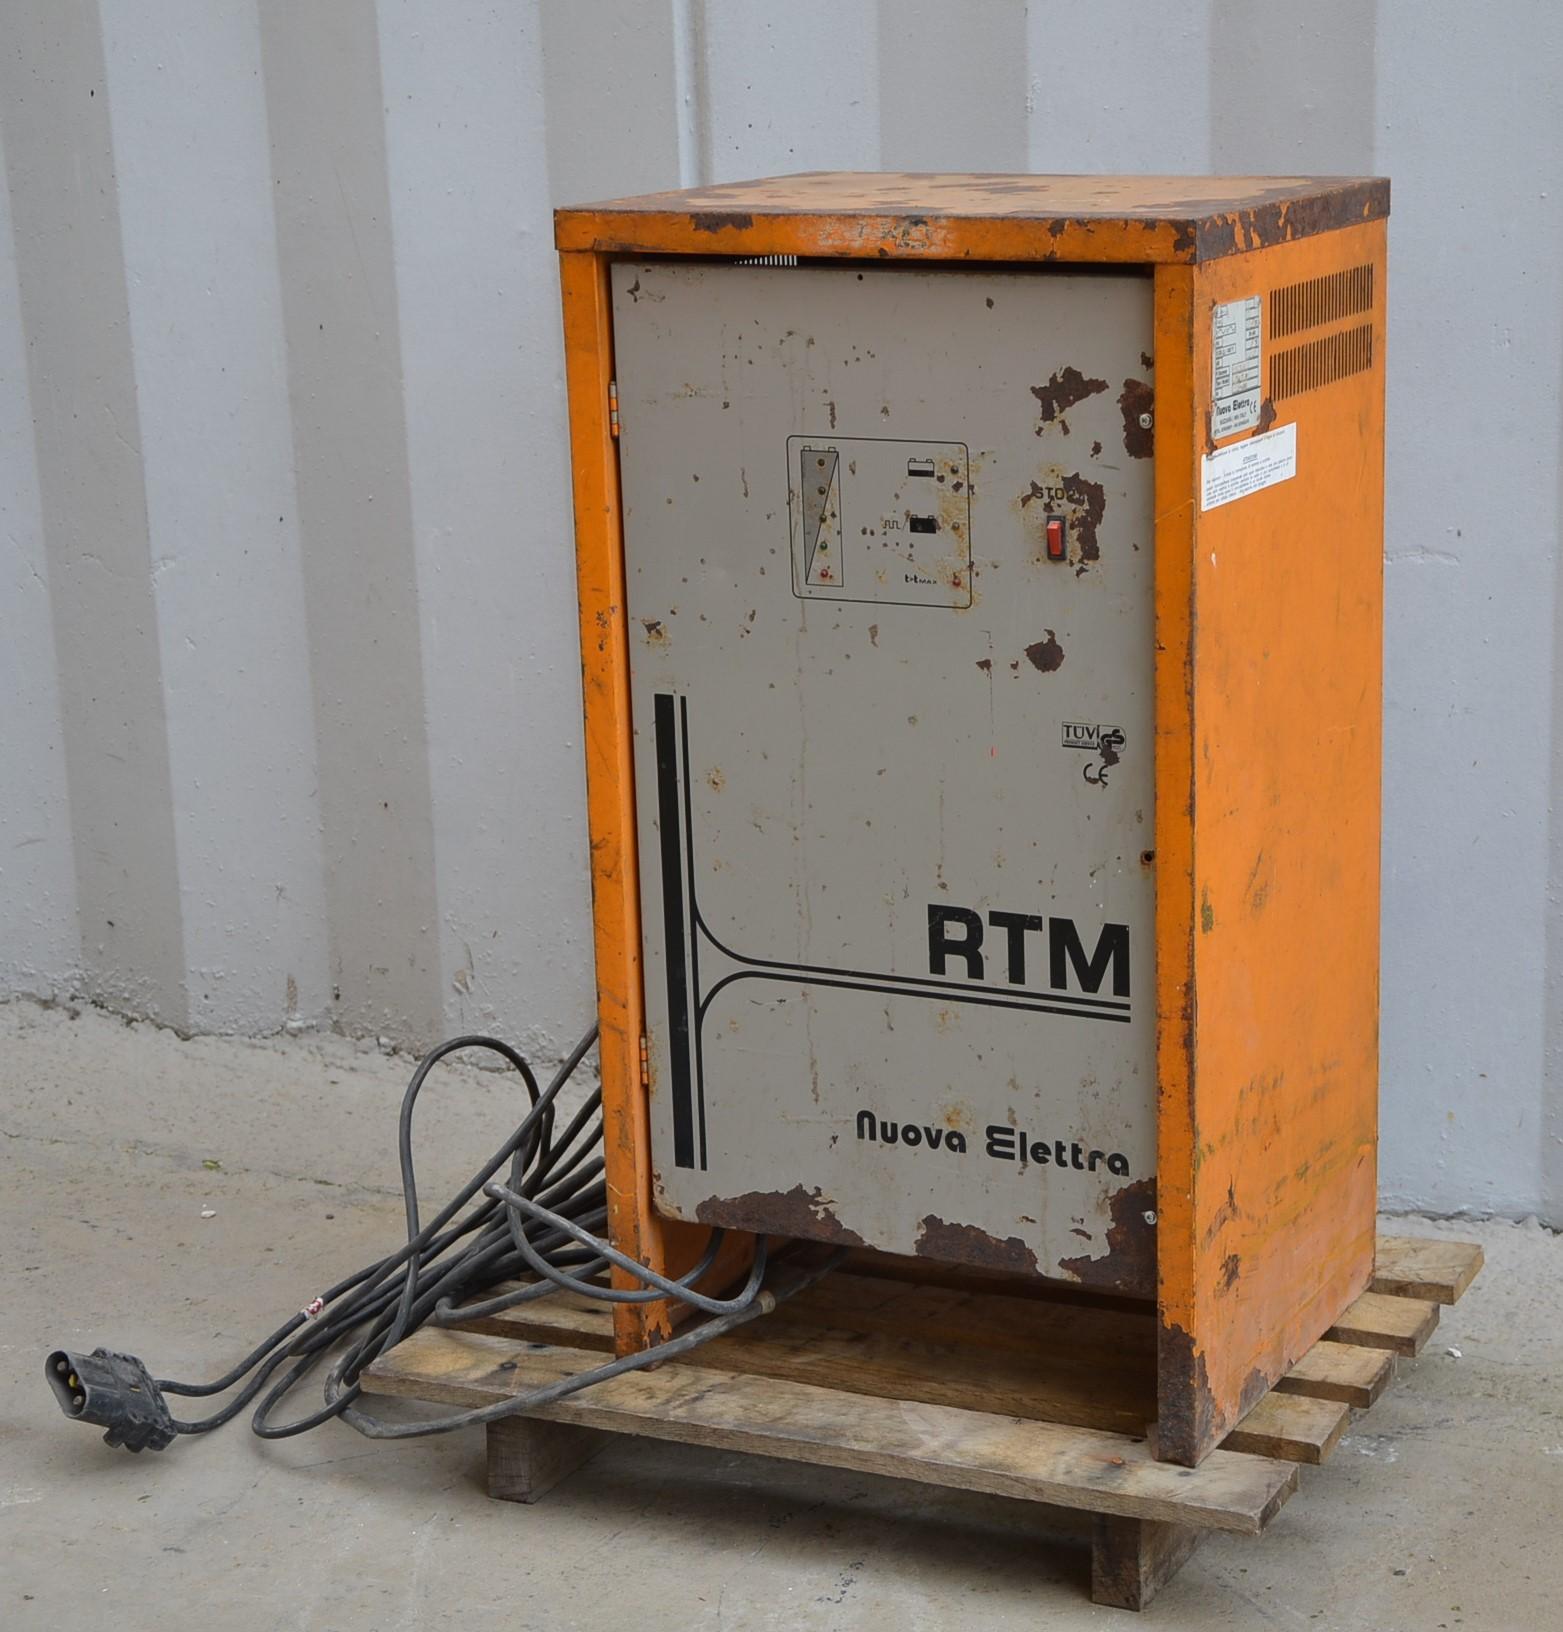 Caricabatterie 72V - Nuova Elettra mod. RTM TRIF. in vendita - foto 3